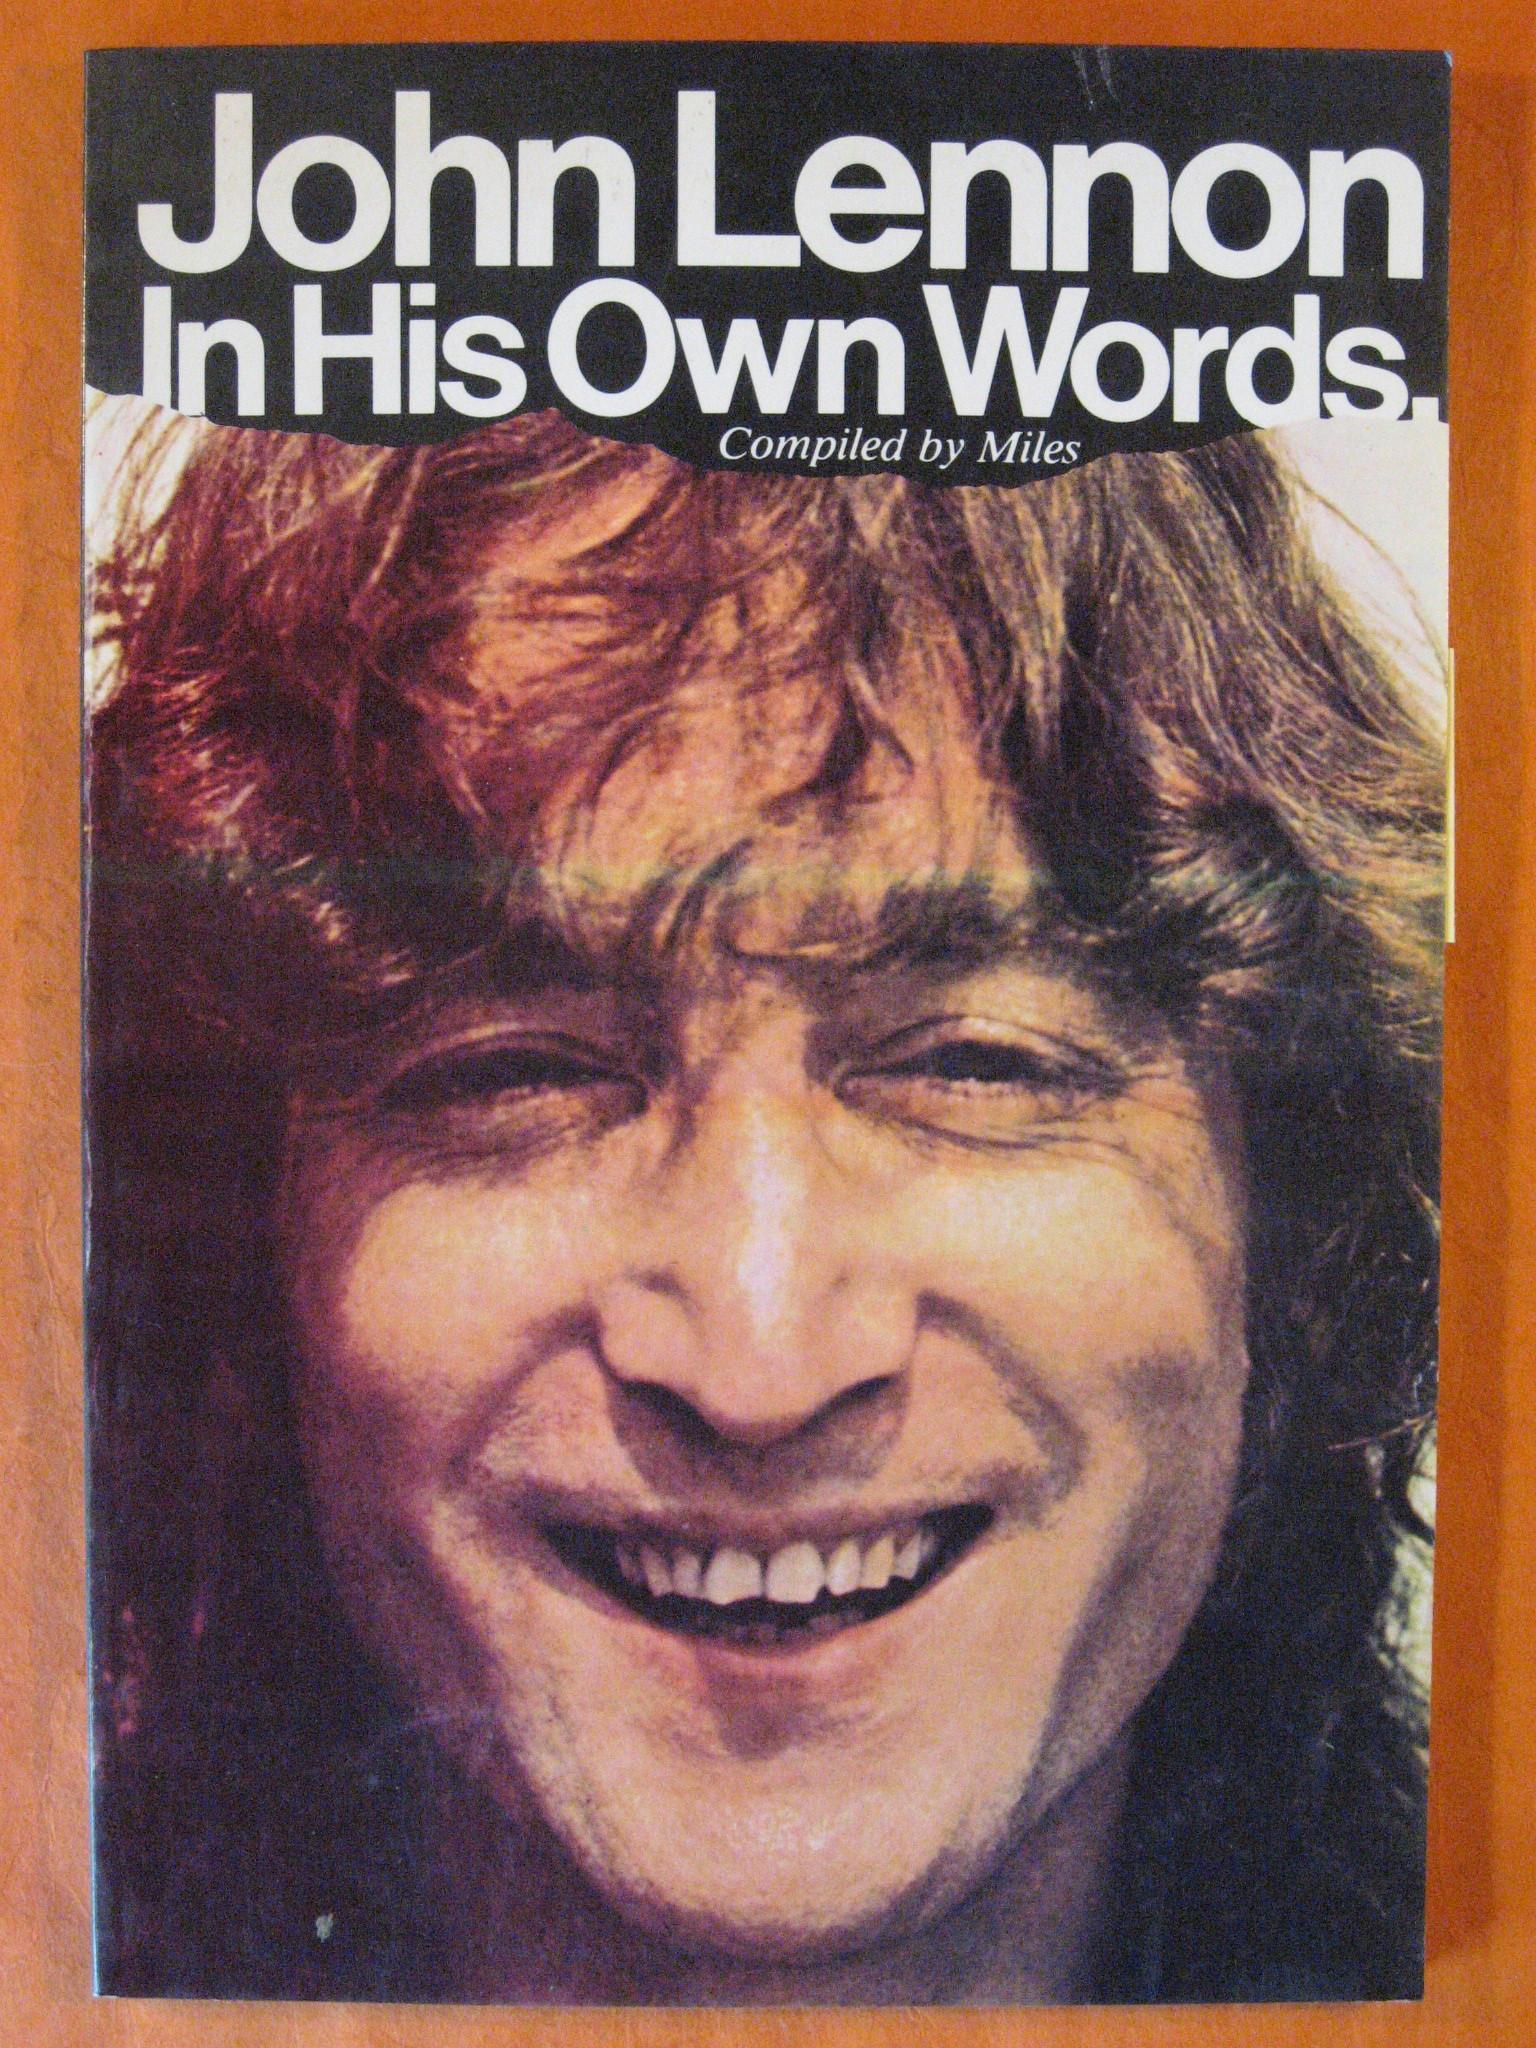 John Lennon in his own words, John Lennon